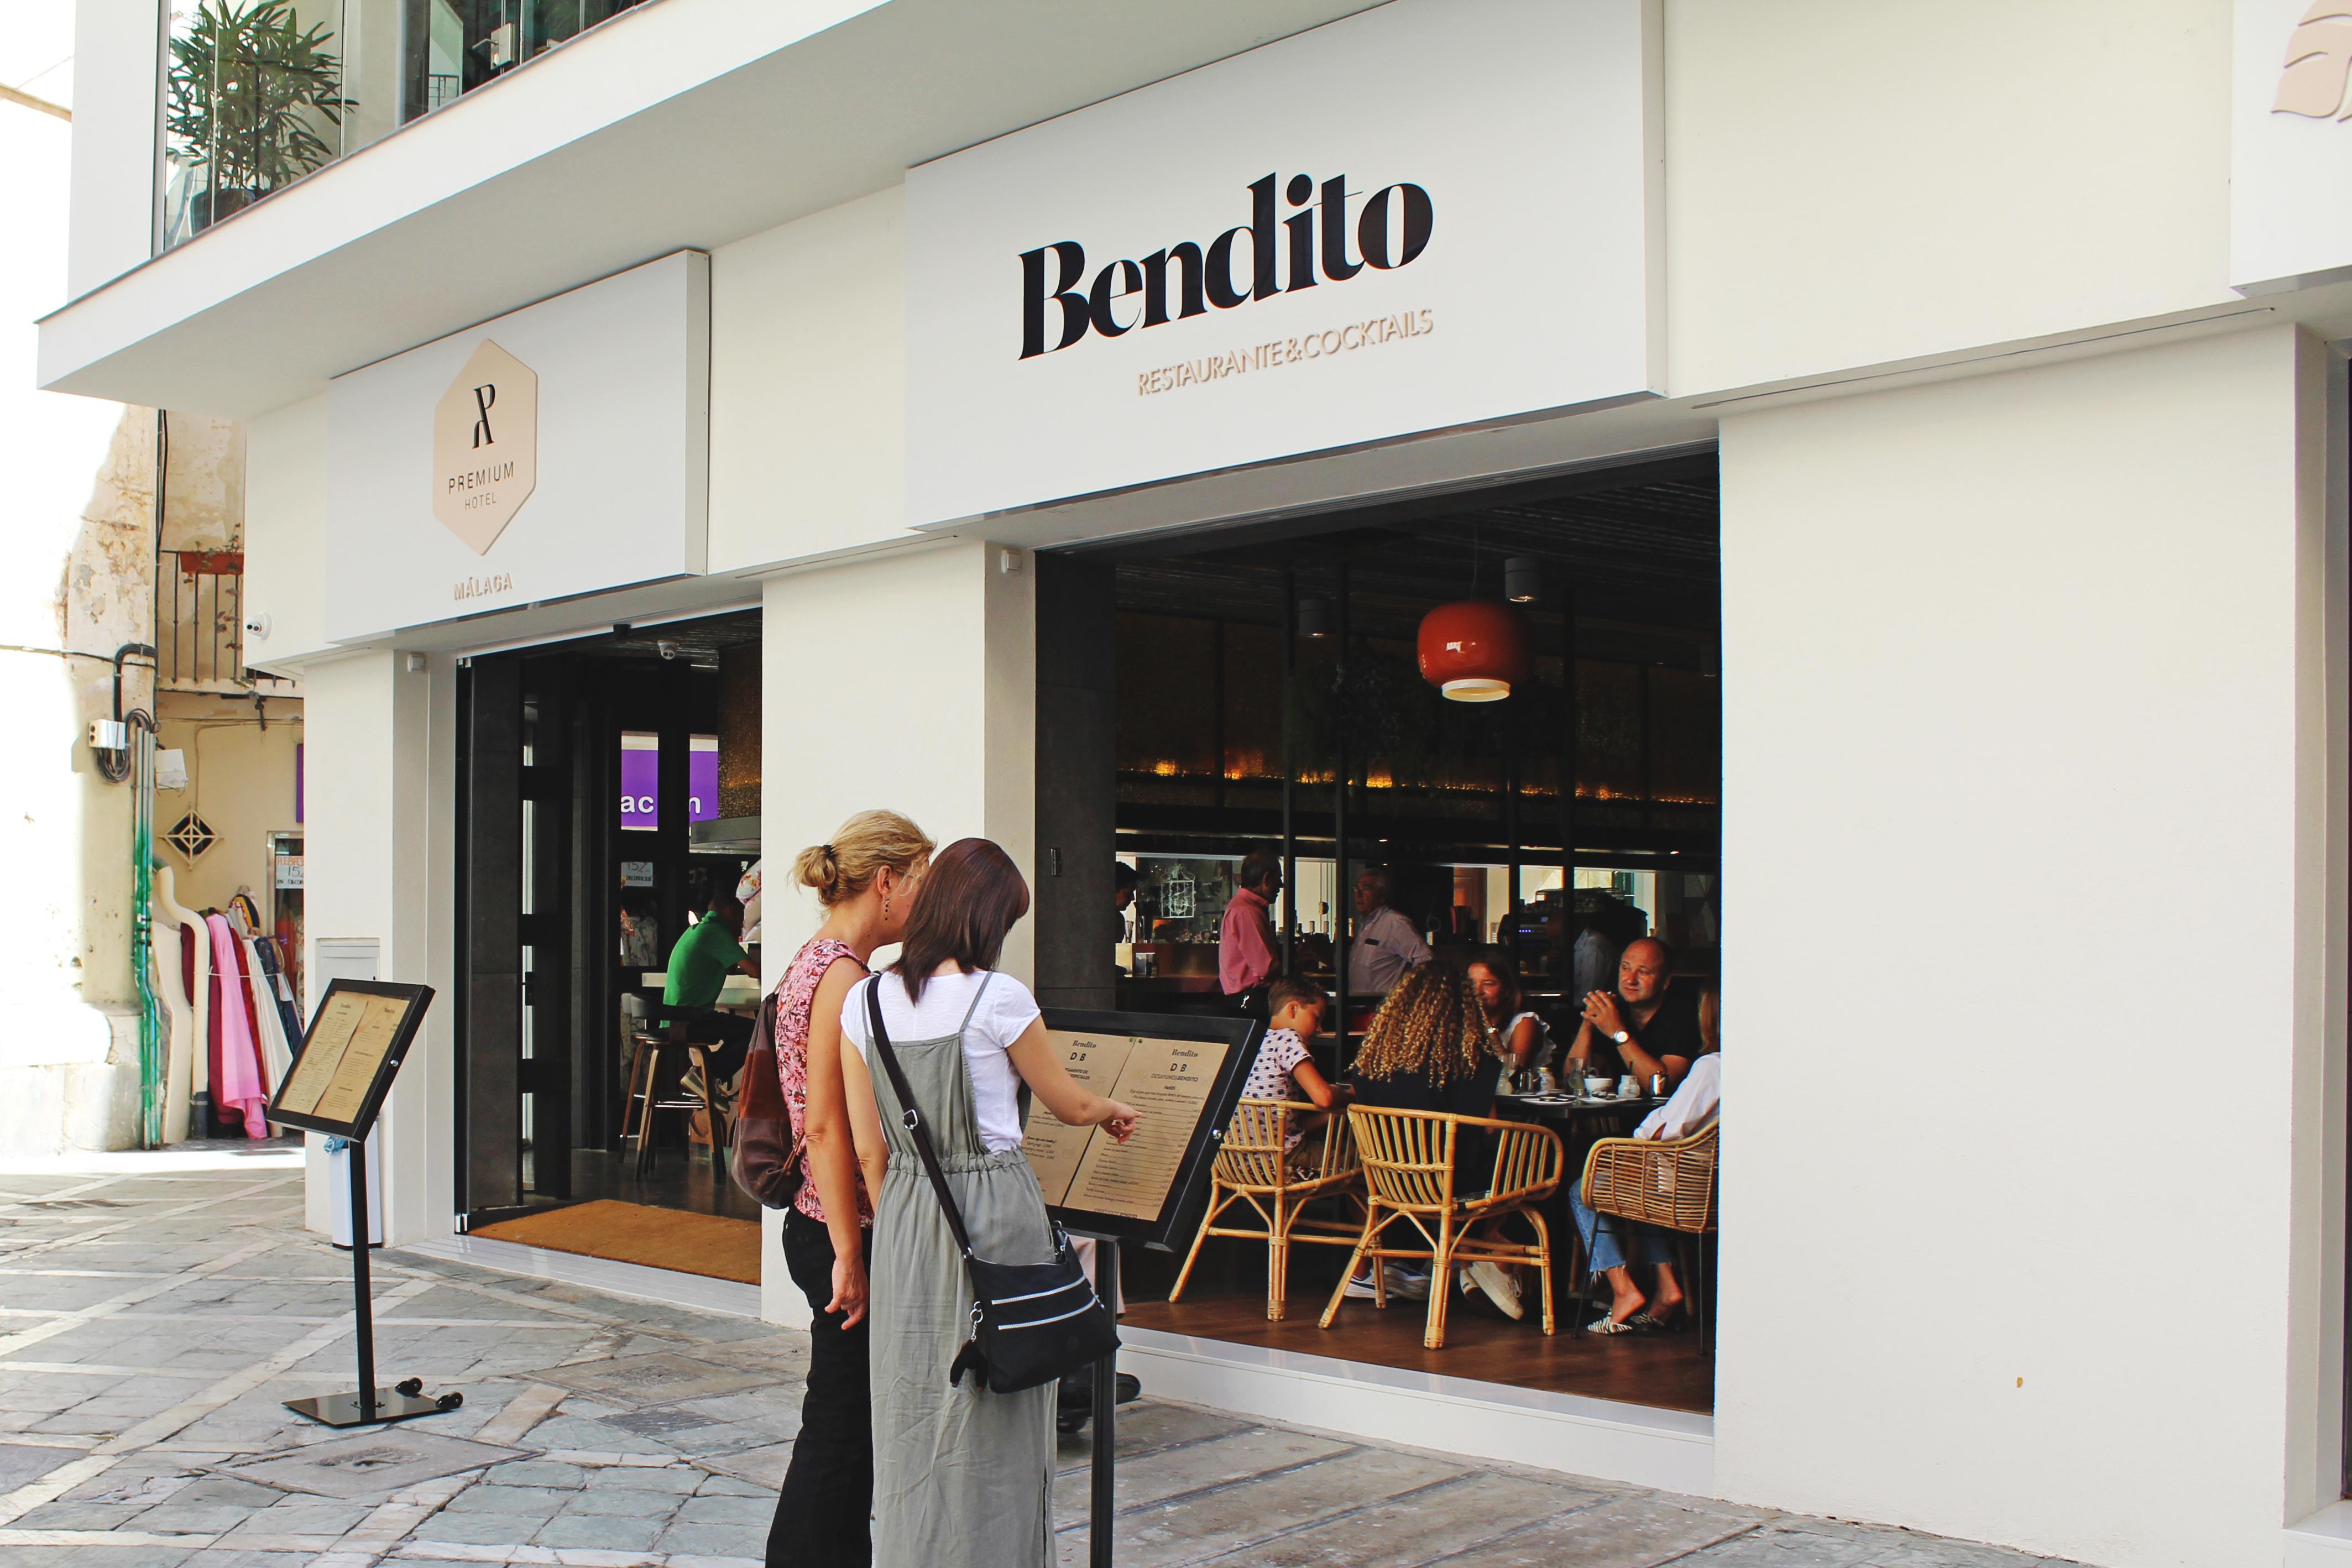 Restaurante Bendito en Málaga Premium Hotel